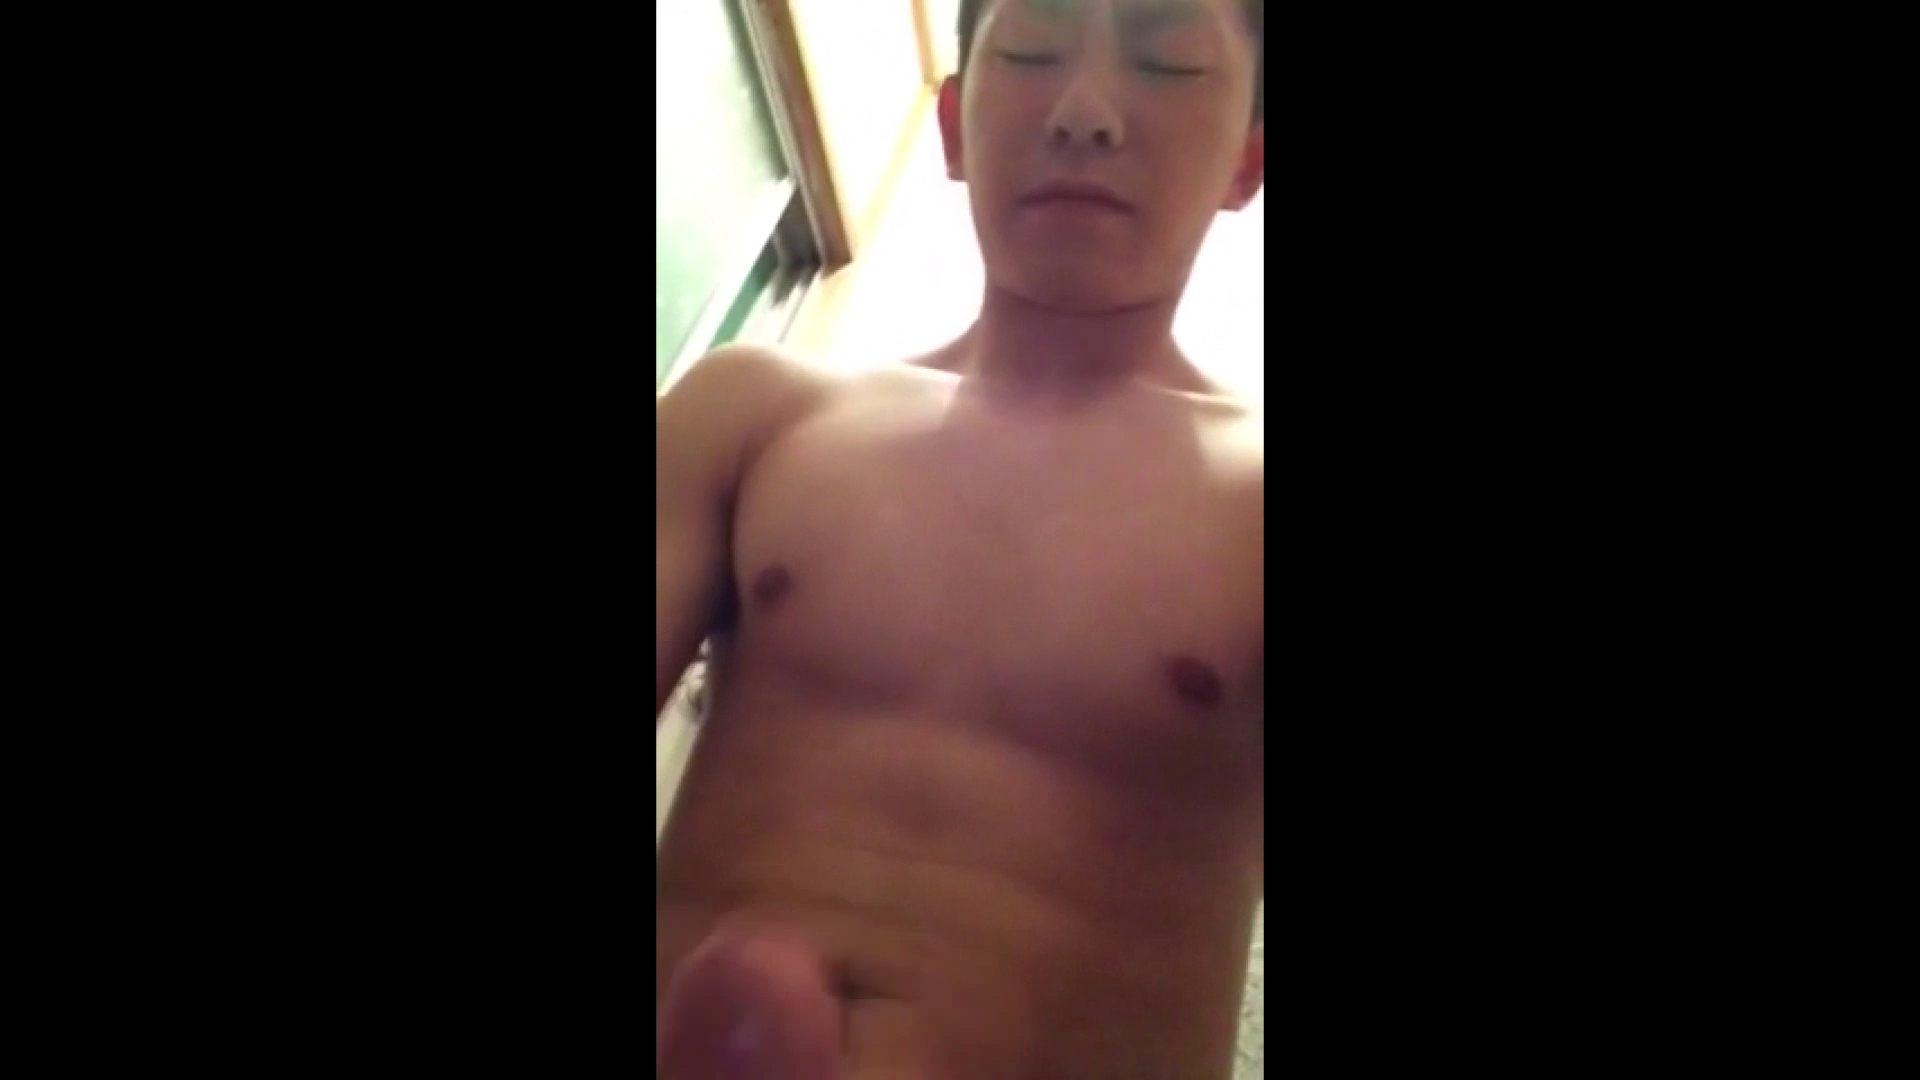 個人撮影 自慰の極意 Vol.33 ゲイの自慰 ゲイセックス画像 94pic 83